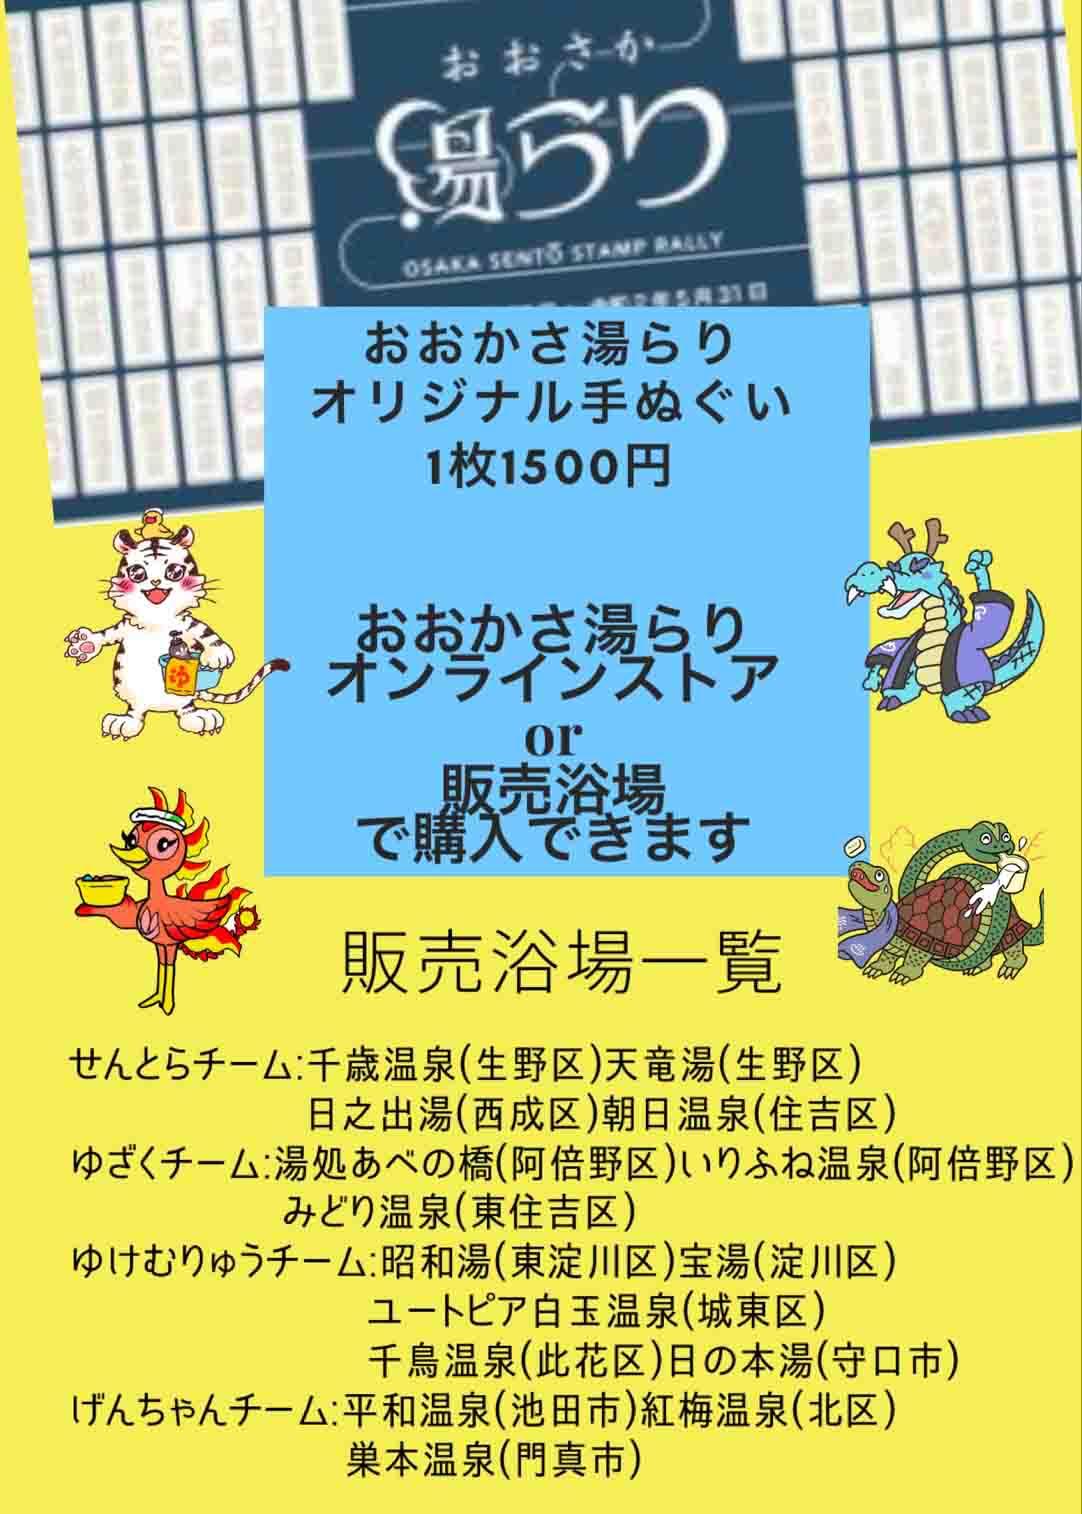 2020/01/osaka-sento-stamp-rally-3.jpg